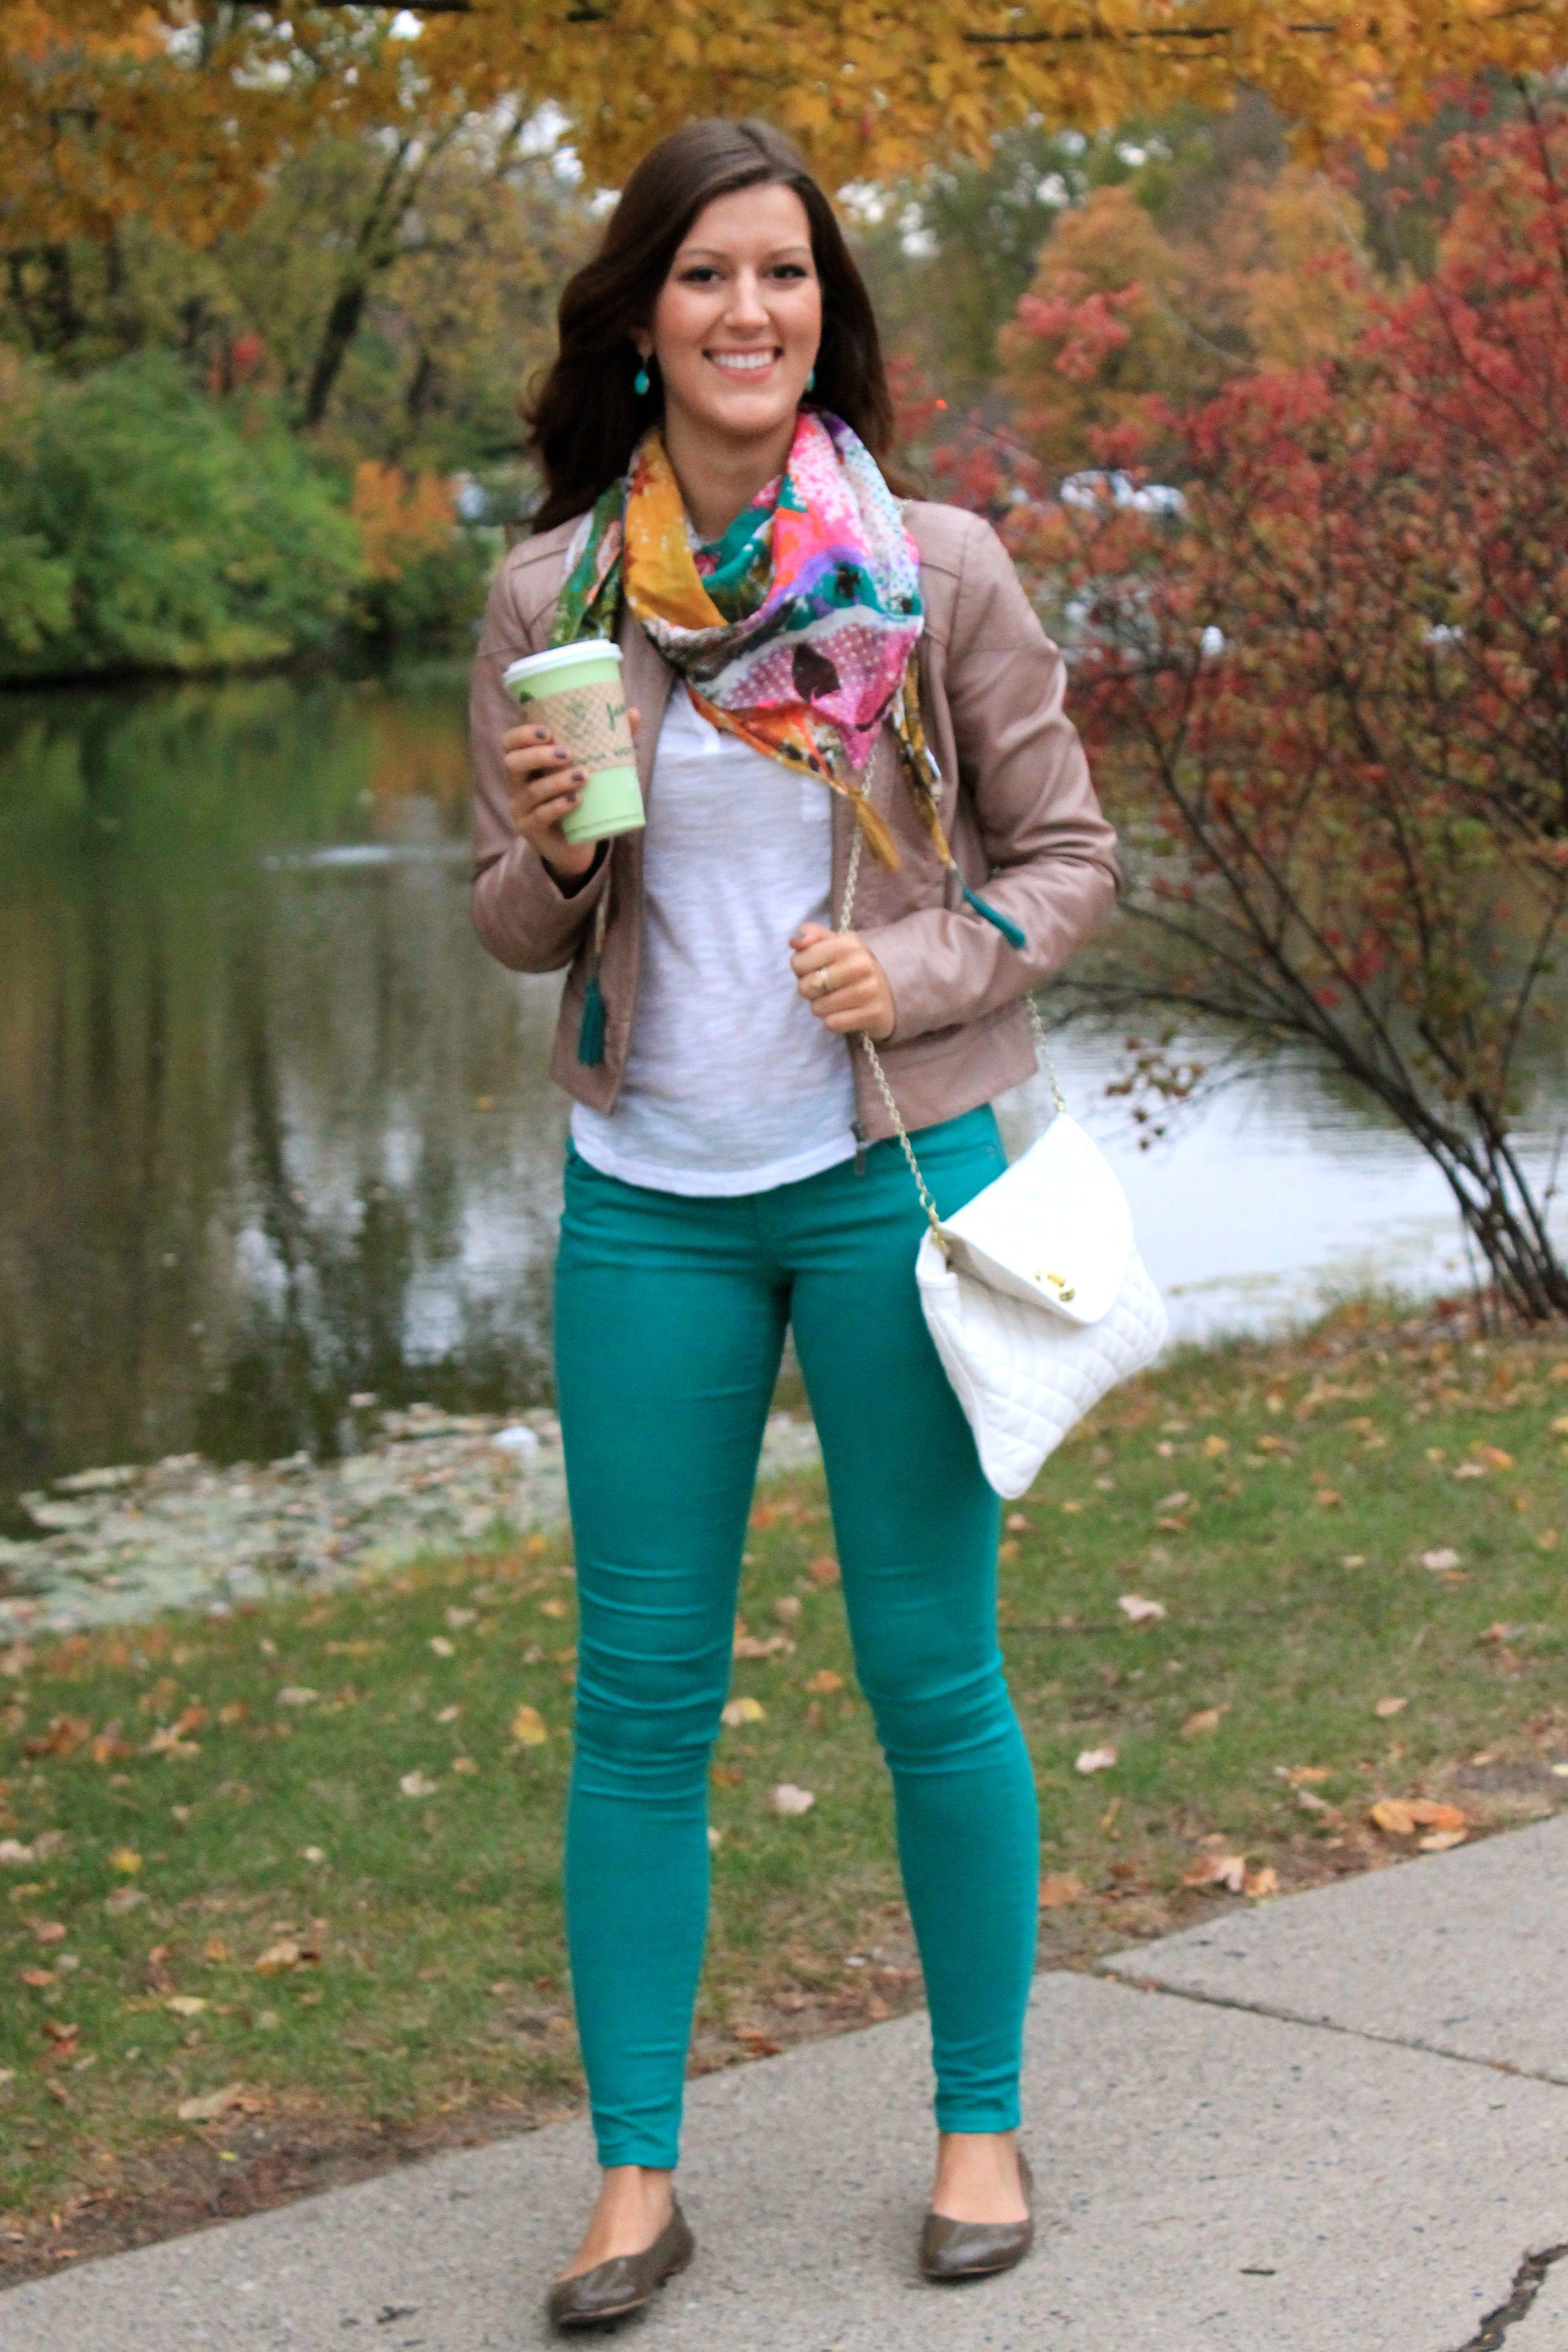 17 Best images about Clothes on Pinterest | Beige pants, Maxi ...